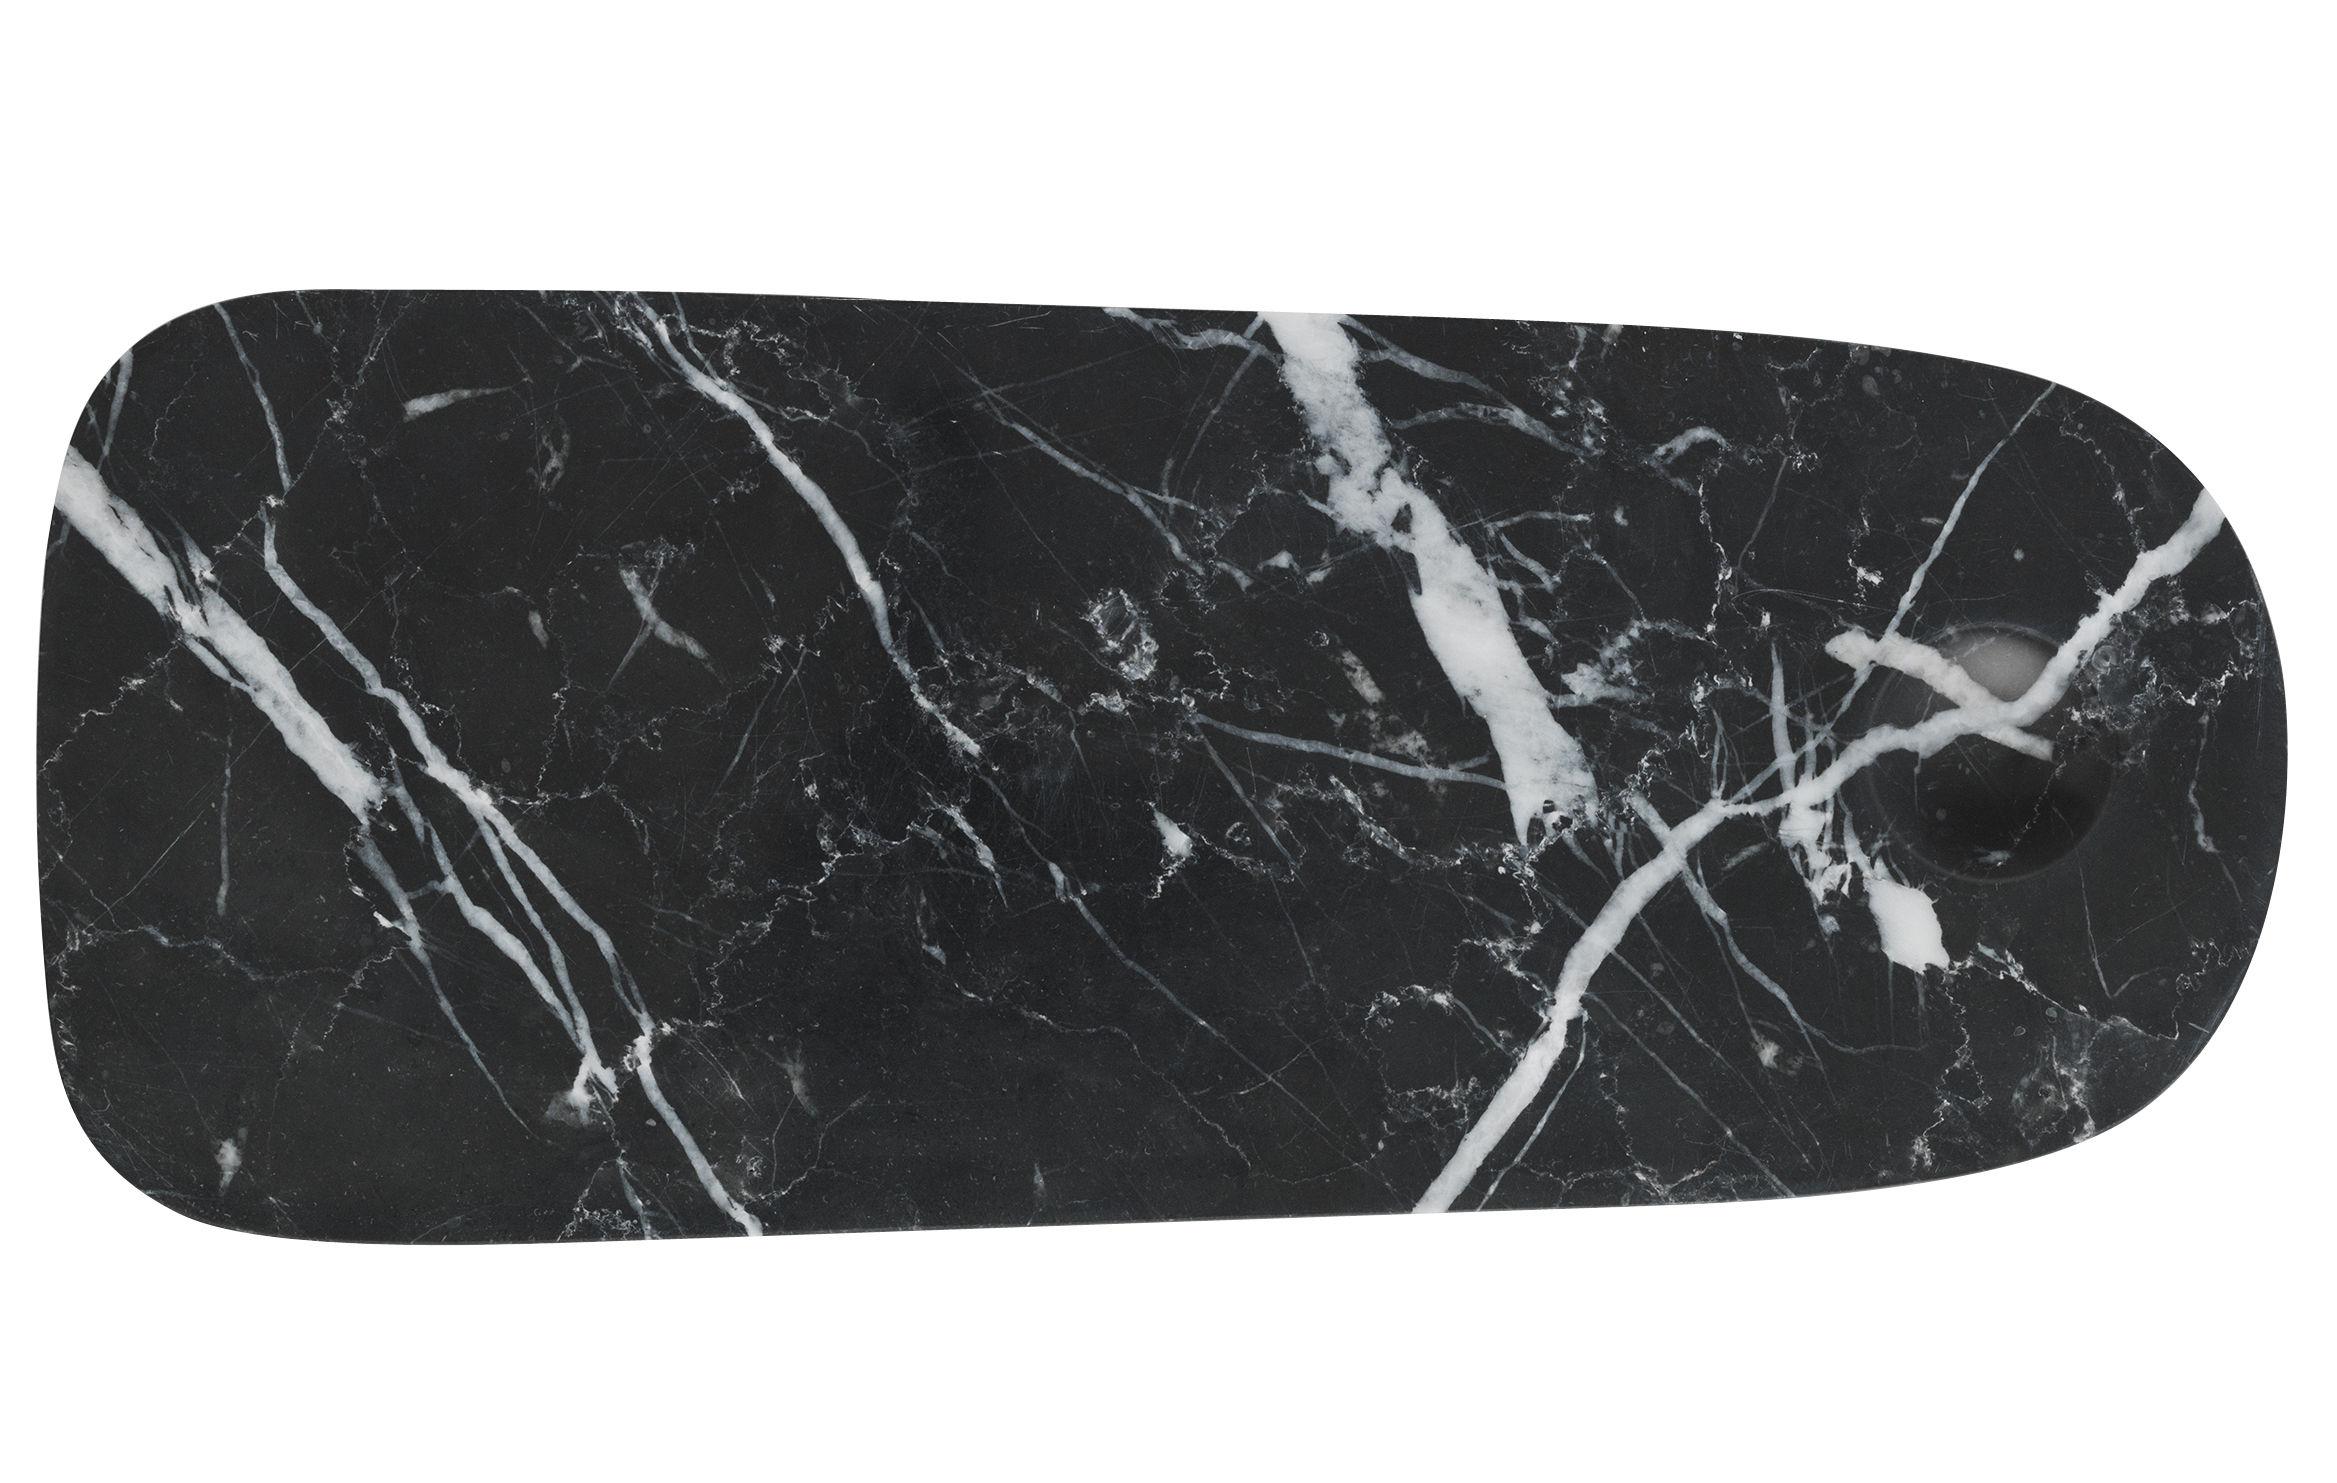 Arts de la table - Plateaux - Planche à découper Pebble Small / Plateau fromages - Marbre - Normann Copenhagen - 12 x 30 cm / Noir - Marbre poli